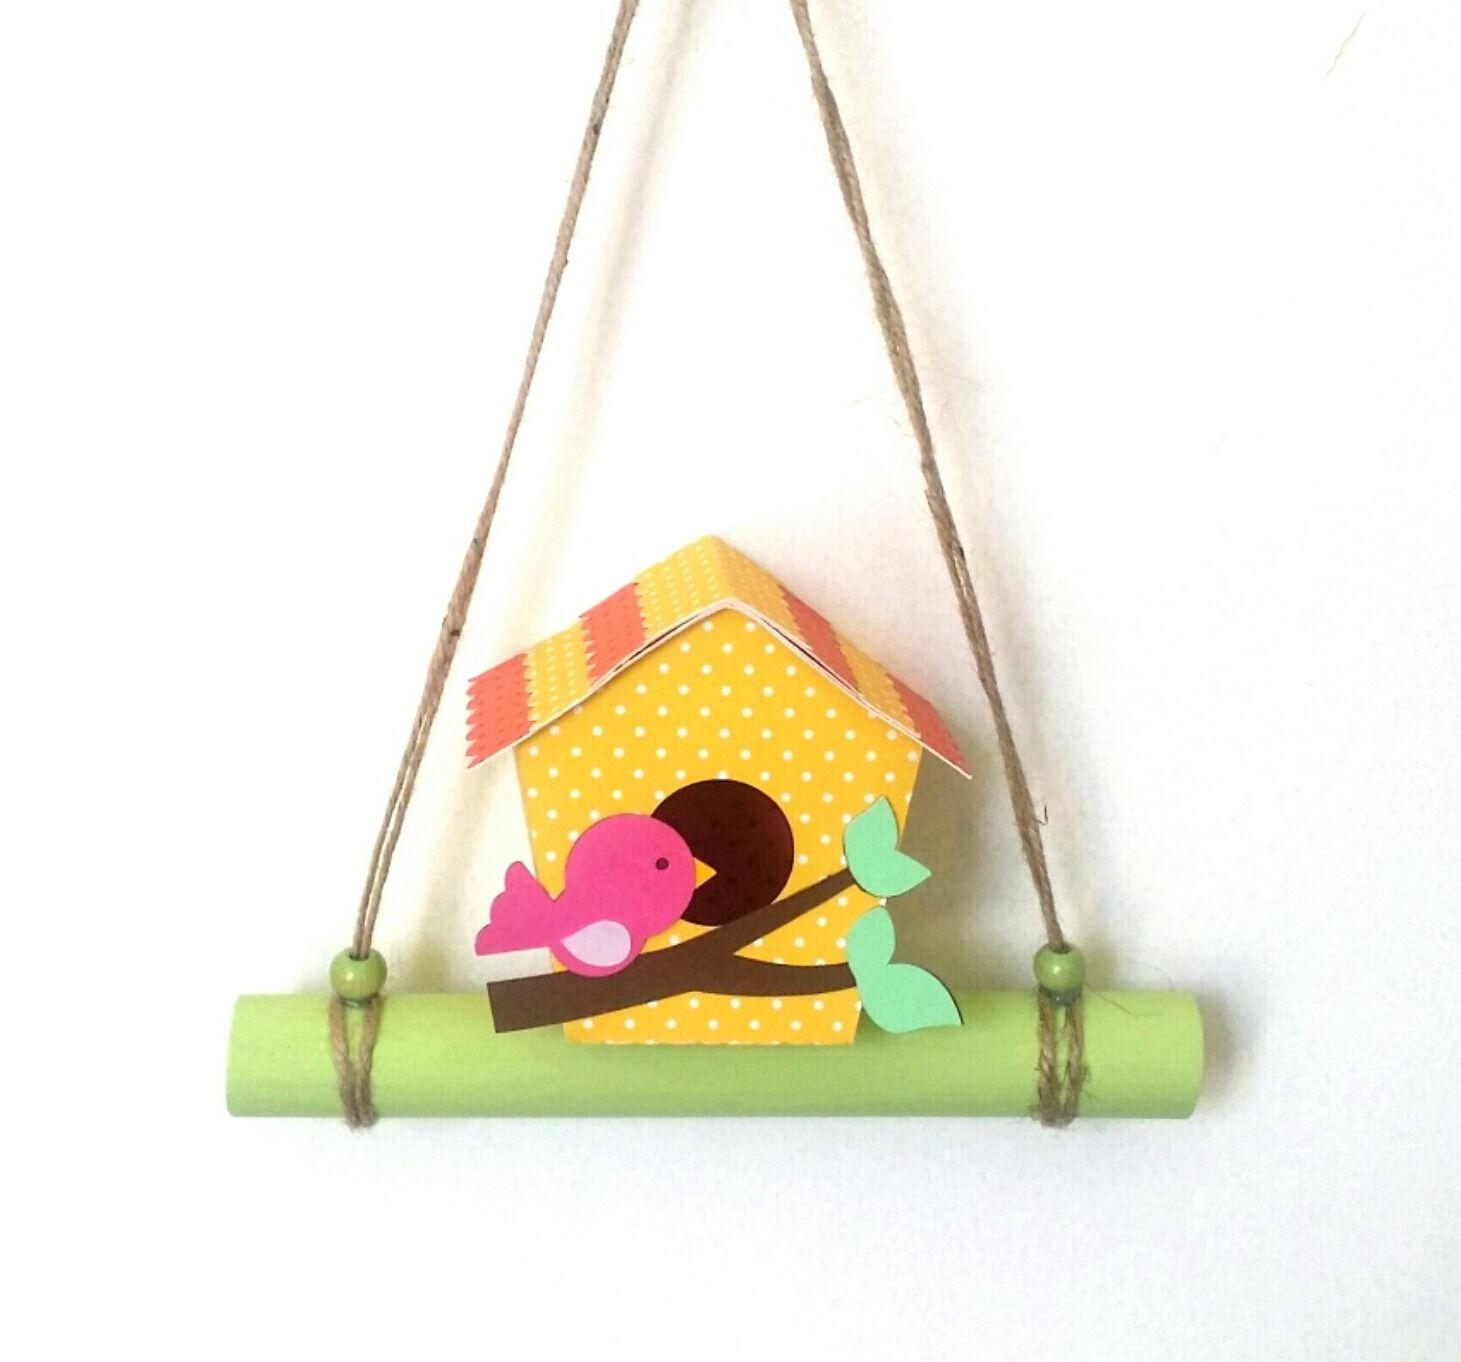 Mobile suspension décoration en papier cartonné et bambou nichoir et oiseau fait main, my little papeterie : Décoration pour enfants par my-little-papeterie